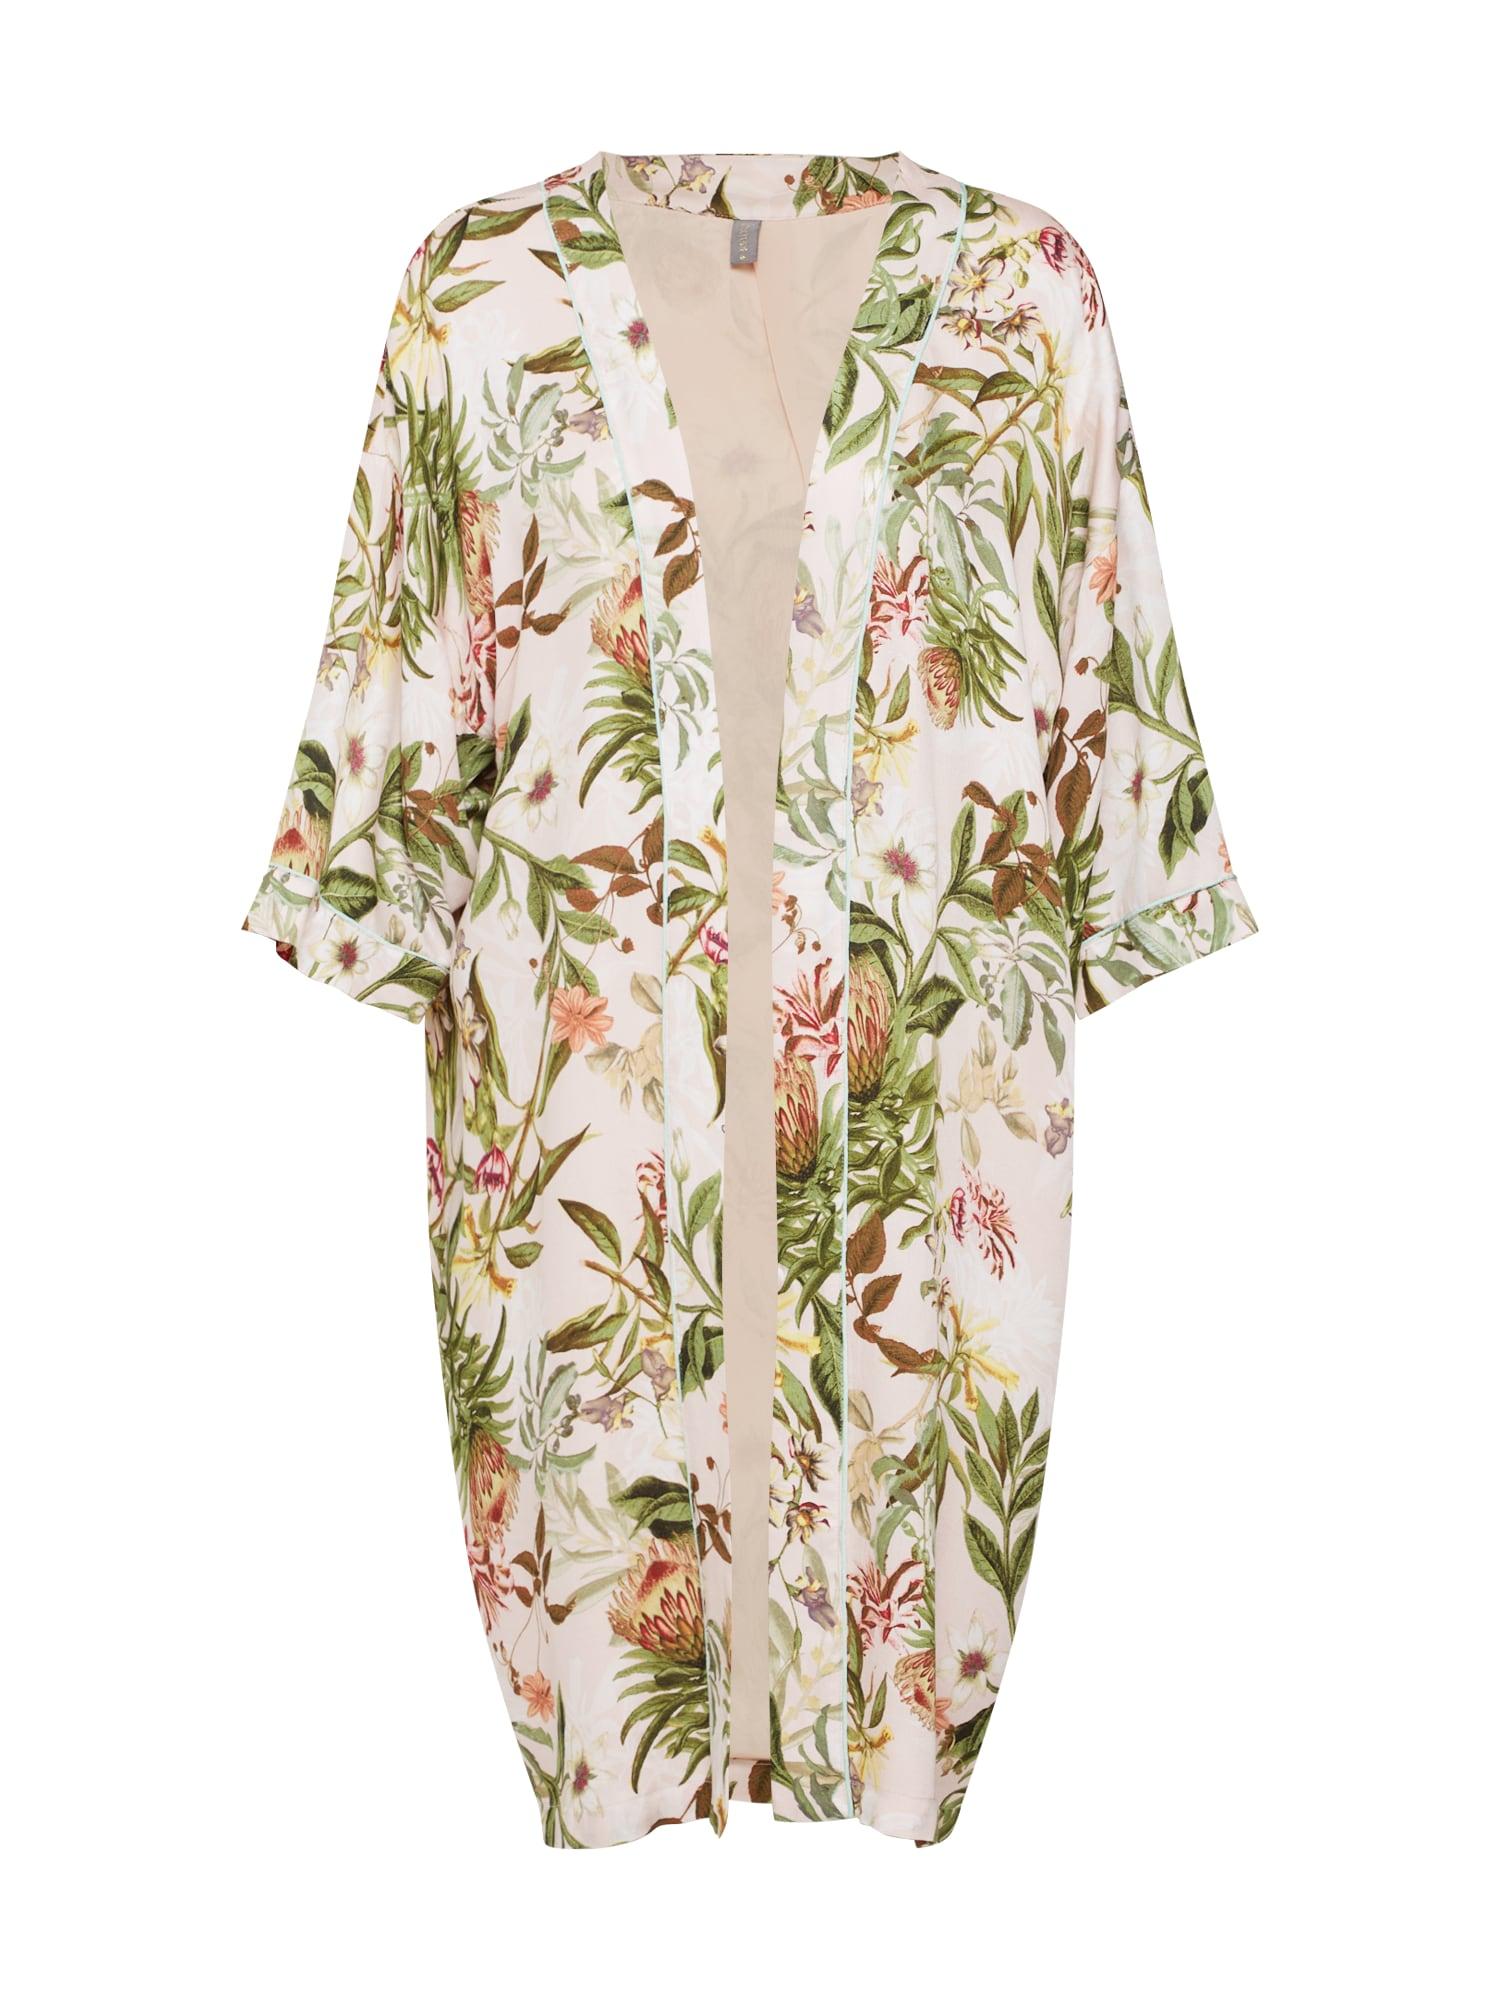 Kimono Sidra světle zelená mix barev růže CULTURE